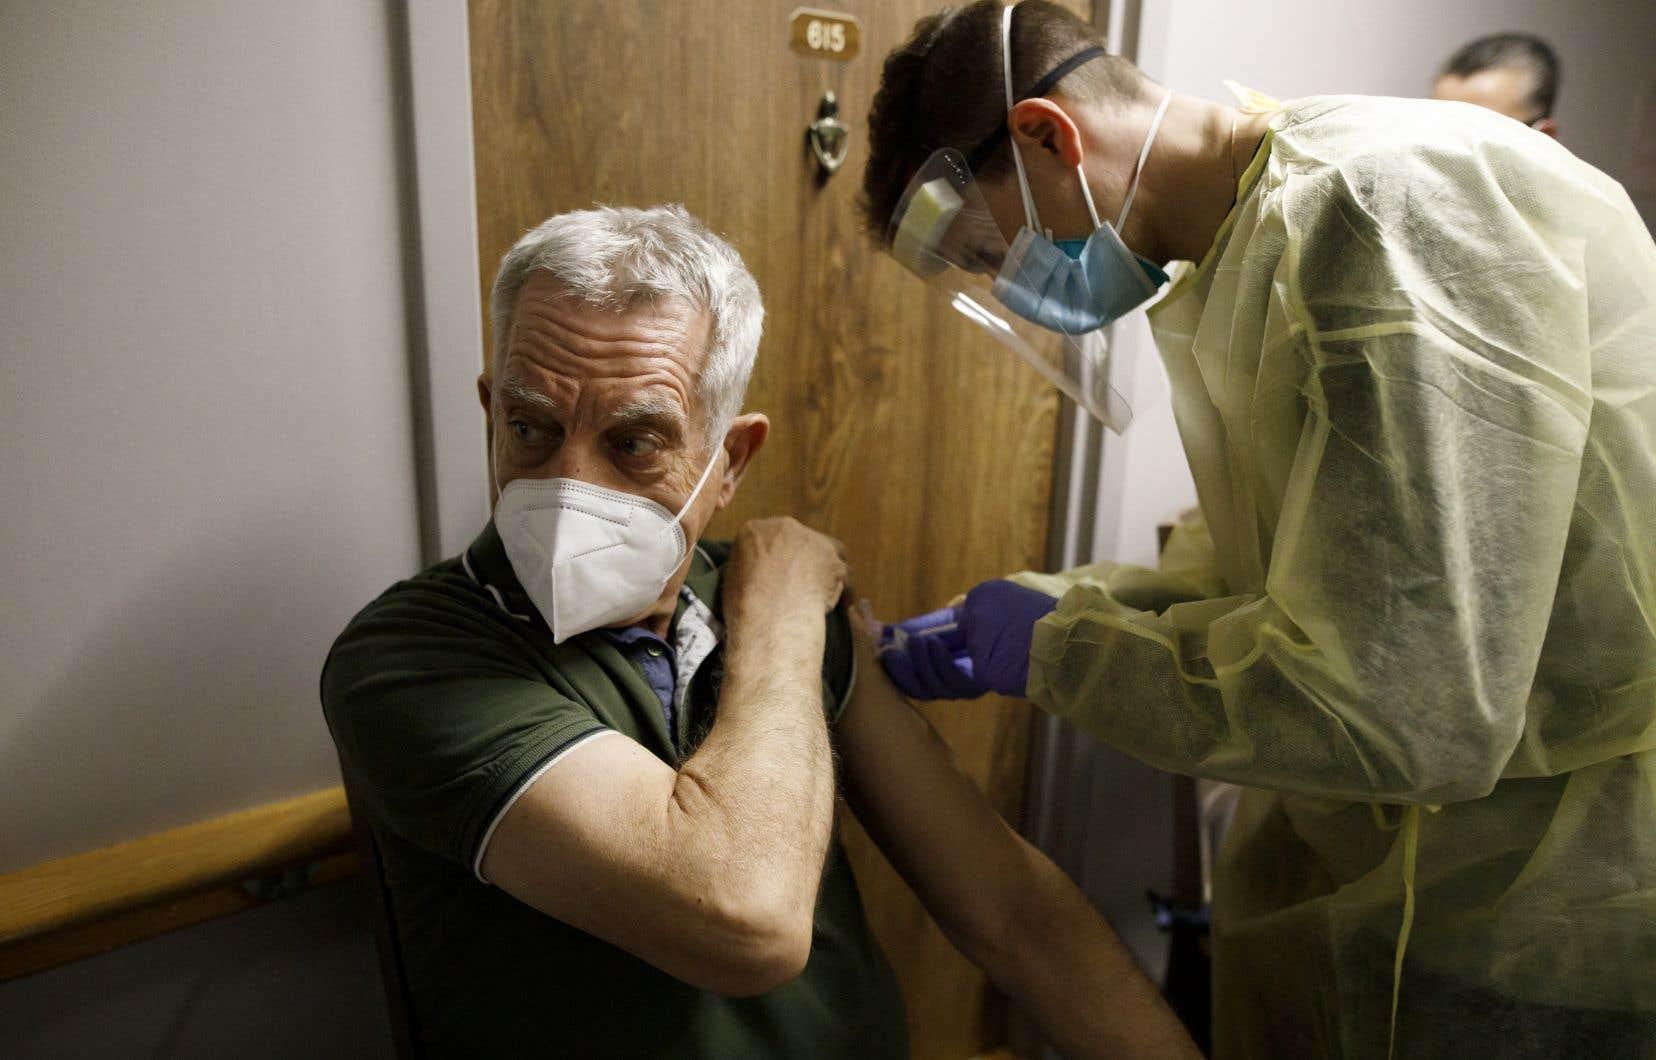 Près de 40% des Canadiens ont maintenant reçu au moins une dose de vaccin contre la COVID-19.